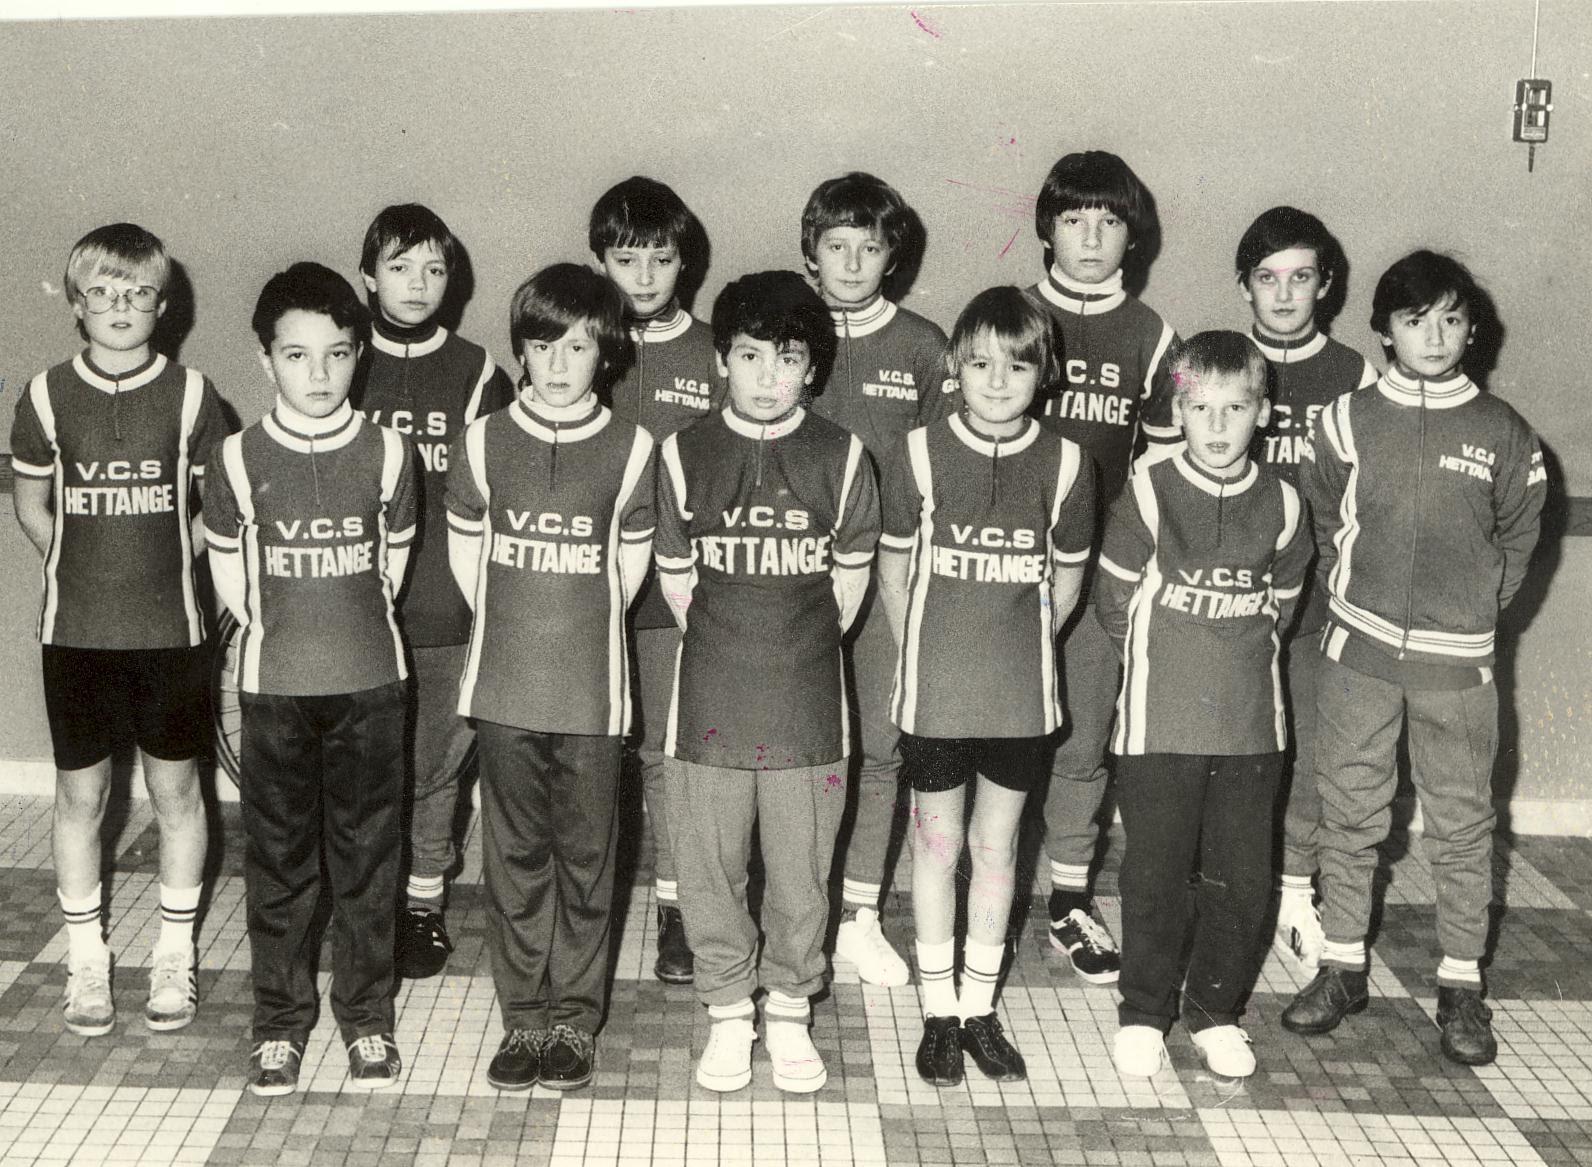 Le Vélo club de Hettange Grande est dans sa 40ème année d'existence 1979 à 2019